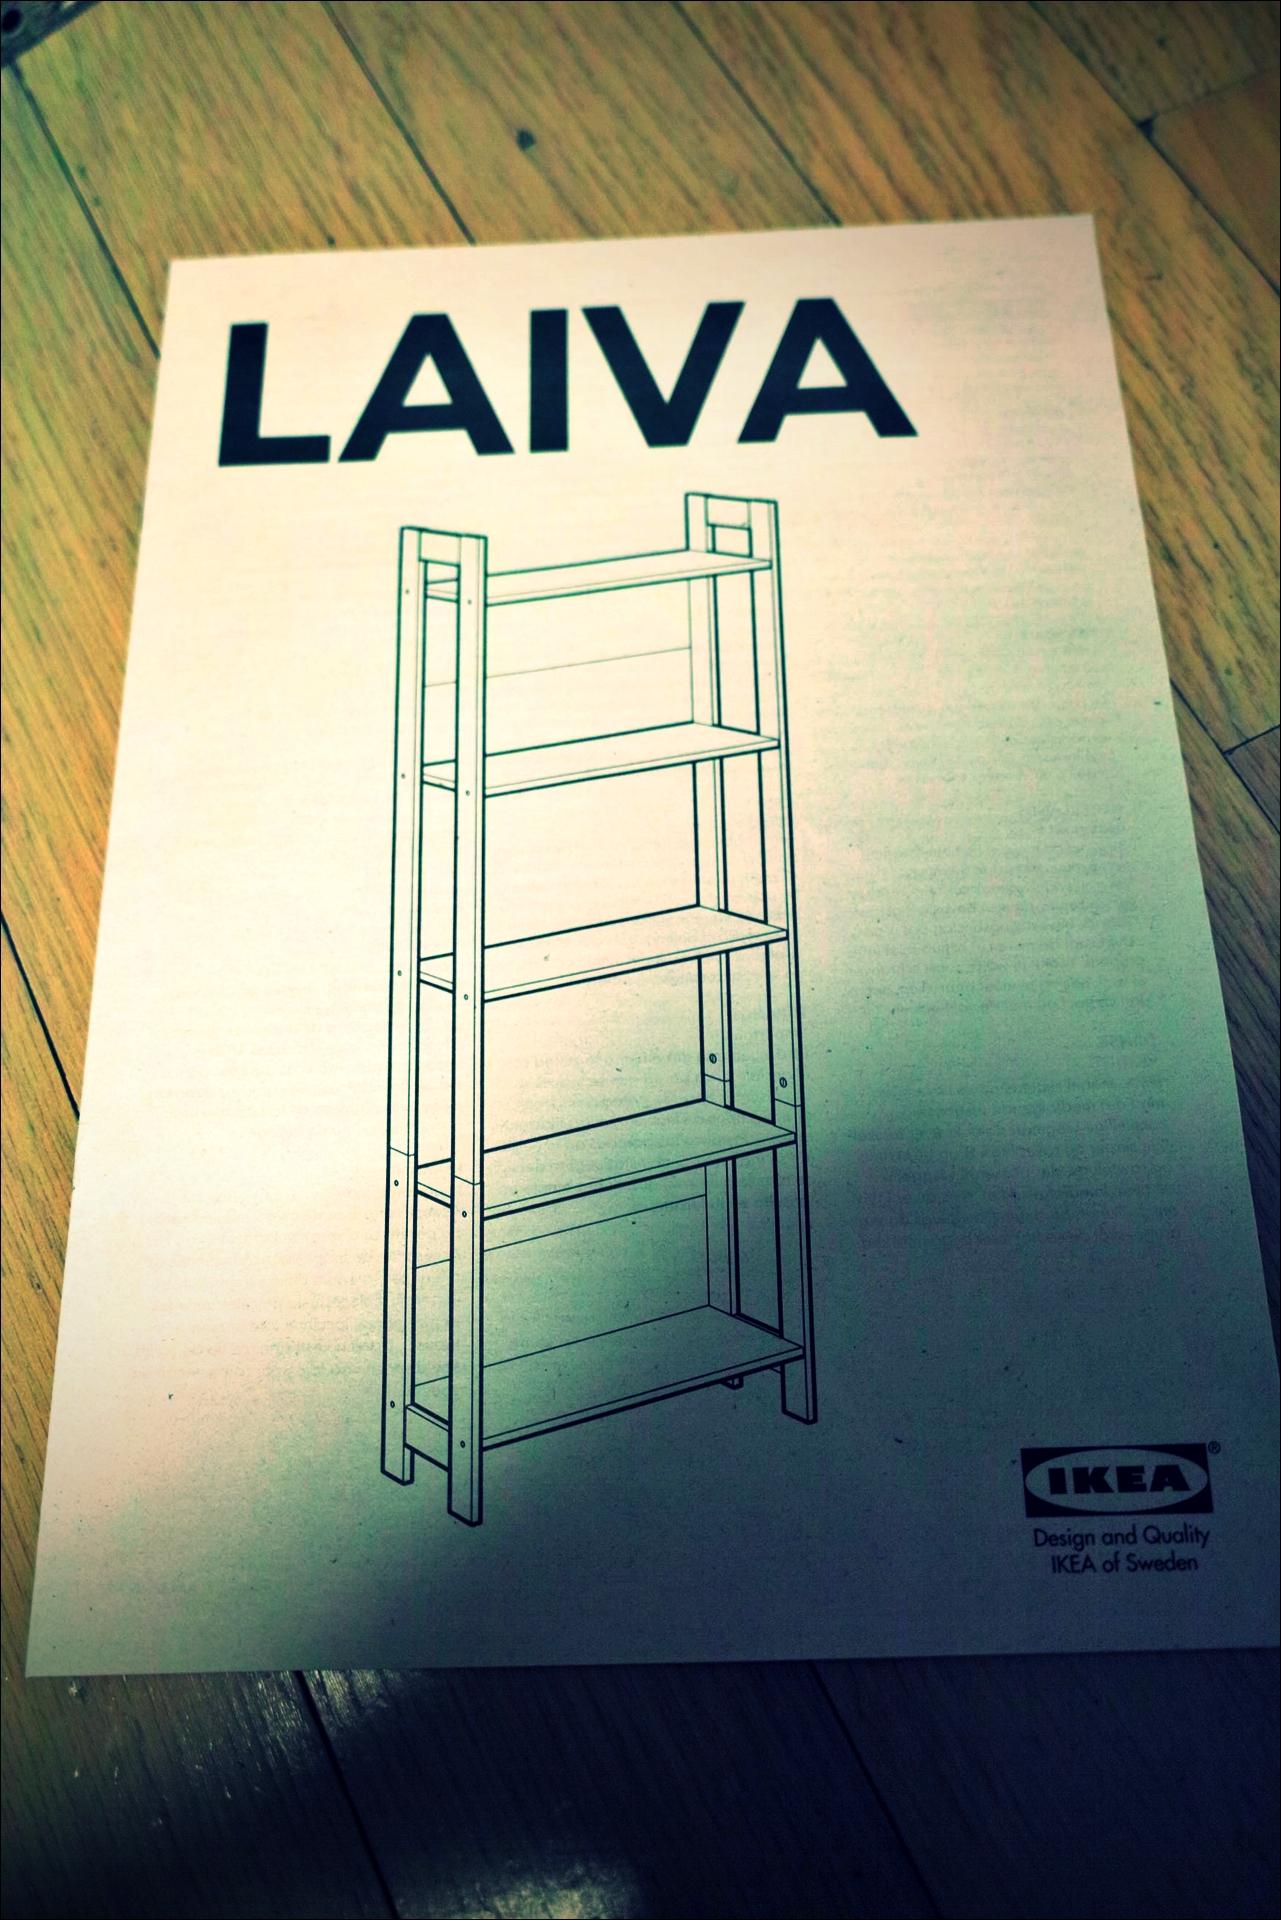 설명서-'이케아 가구 조립 노하우. How to assemble ikea furnitures'